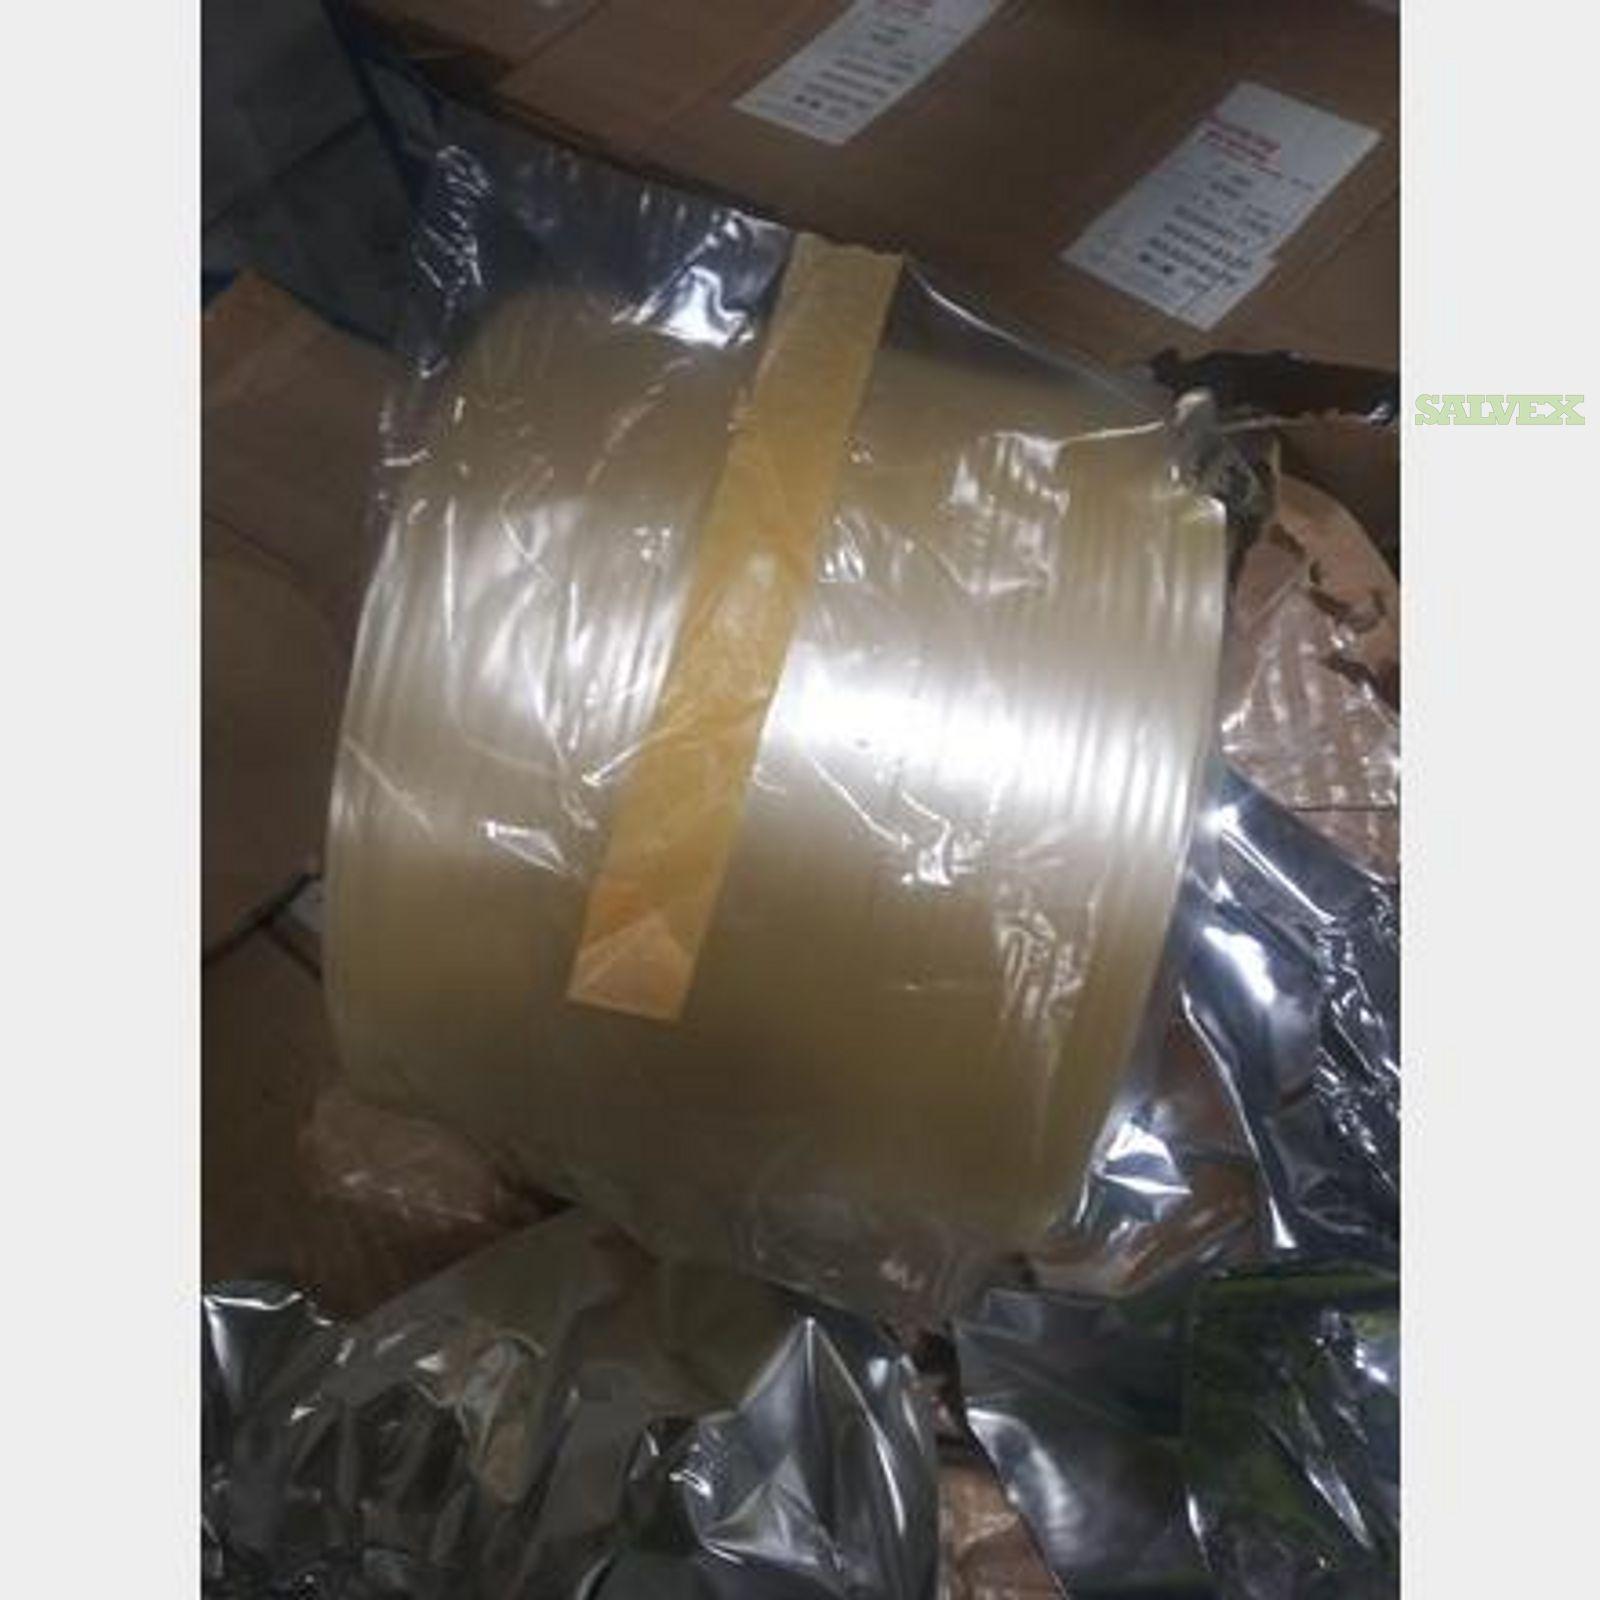 Kuraray Poval Plastic PVA Film (80 Rolls / 7,120 Lb)